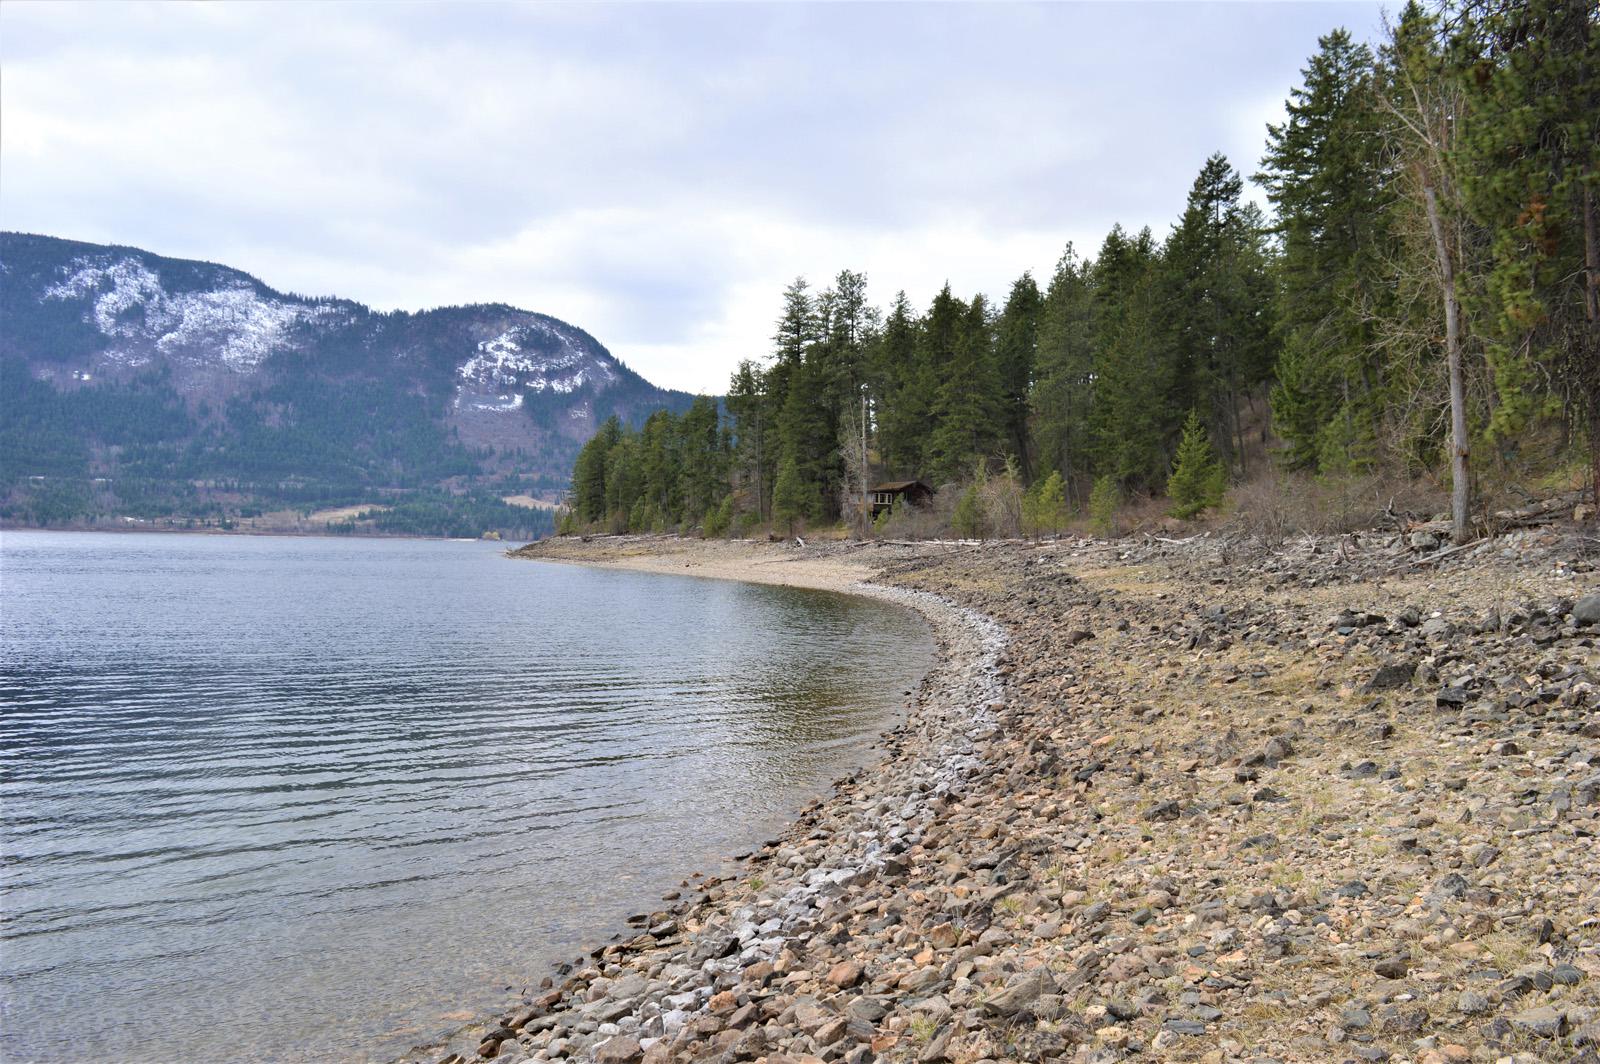 Little shuswap lake 20